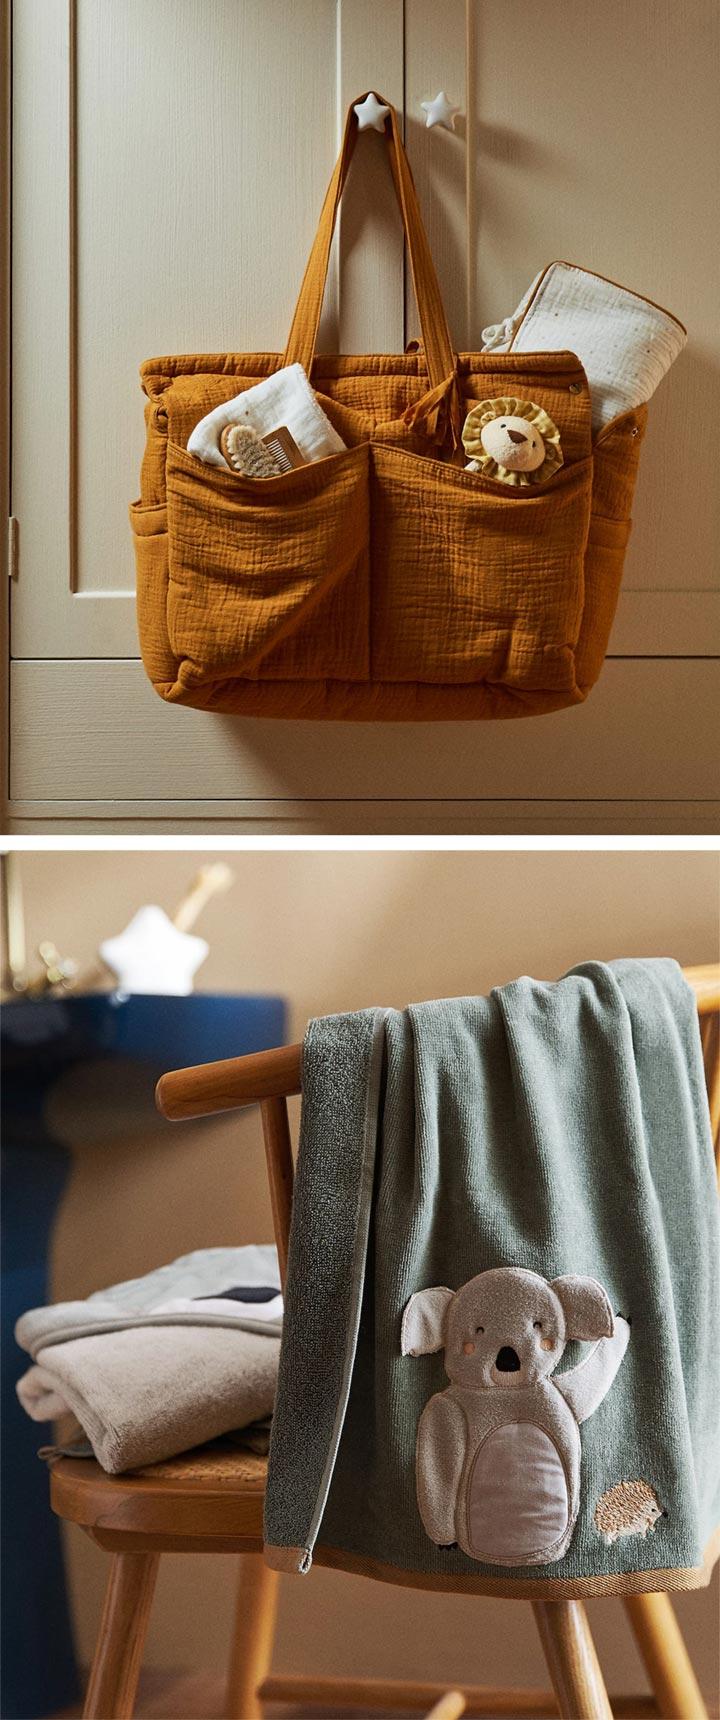 Zara Home catálogo de maternidad